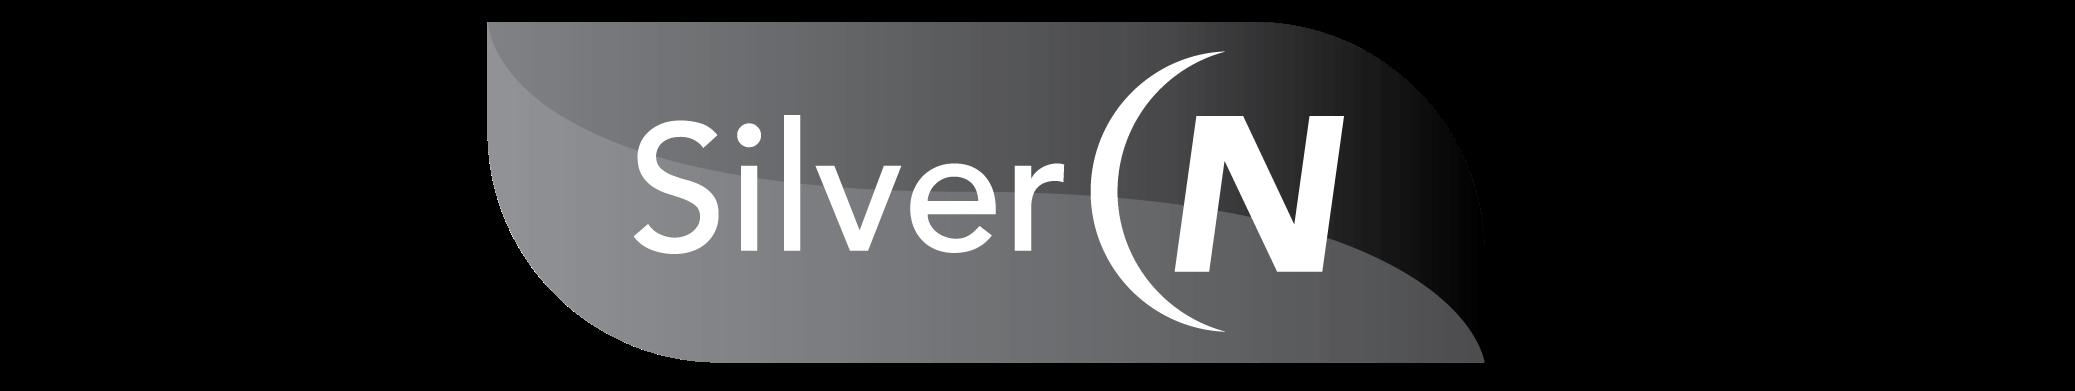 silver n